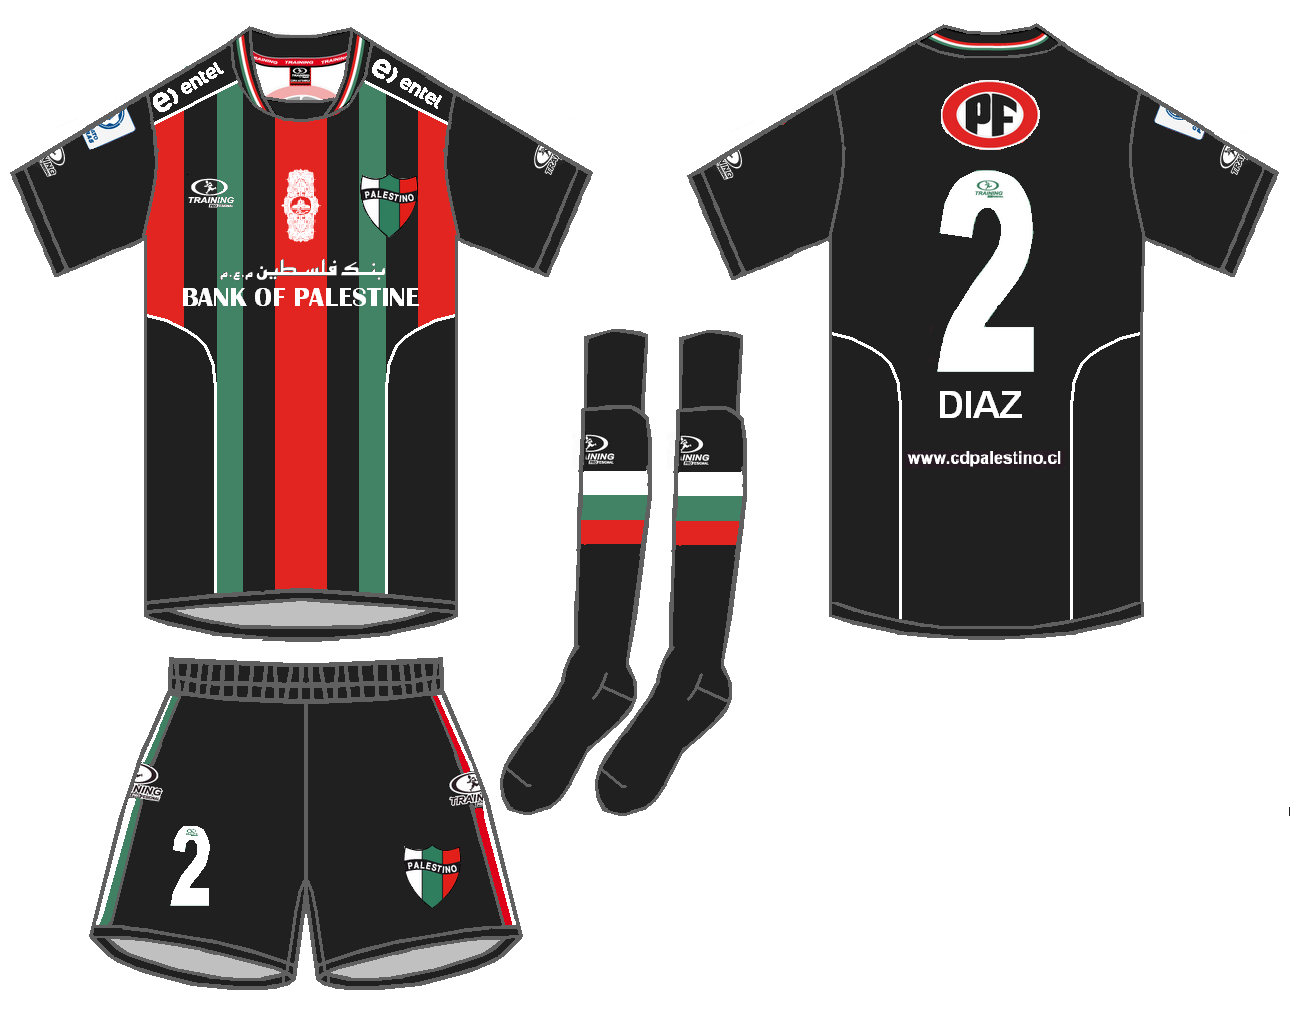 Imagenes De Uniformes De Futbol Soccer - Playeras y uniformes de futbol soccer Facebook